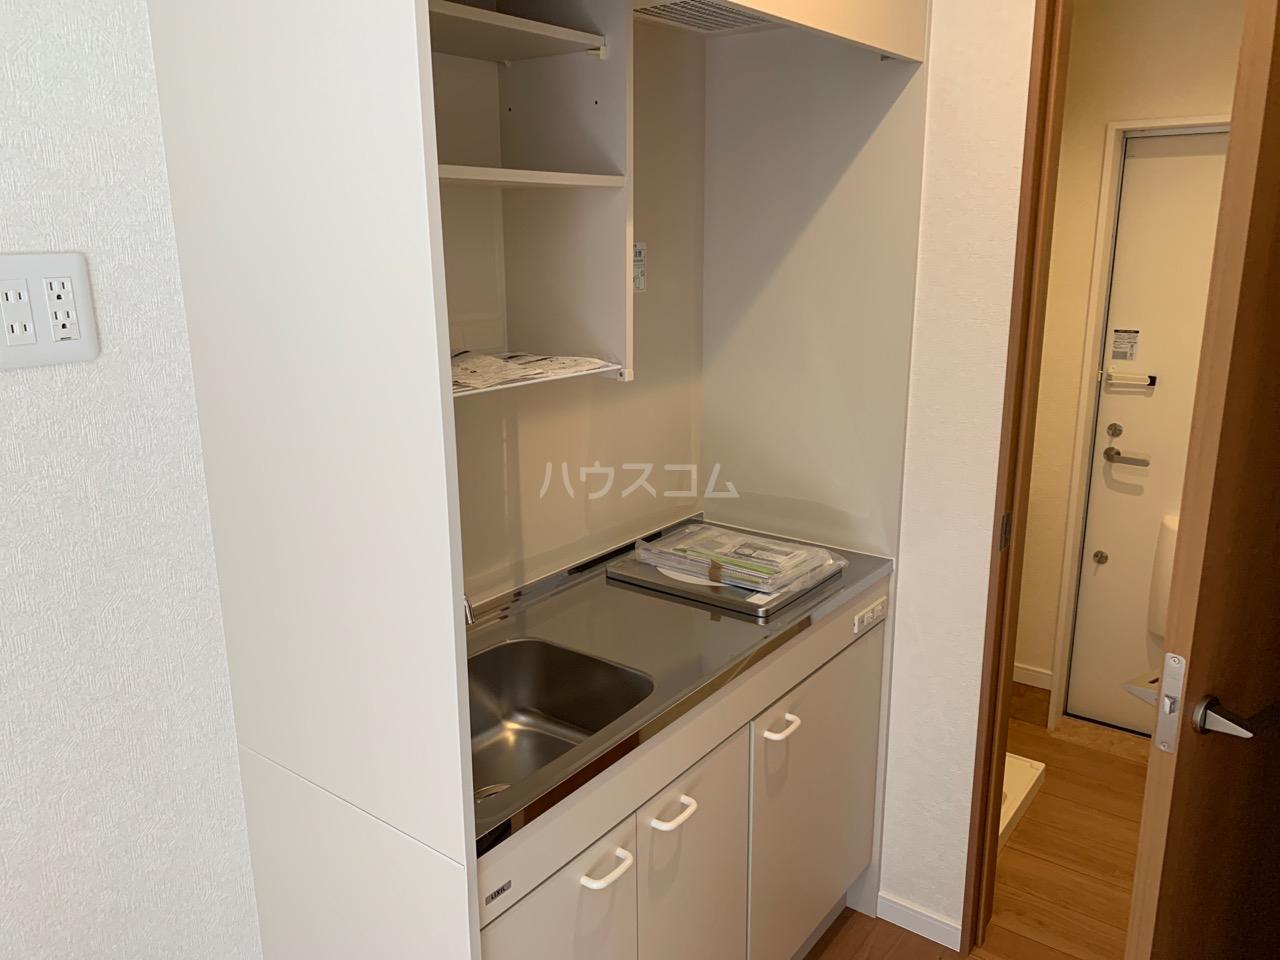 ファインホース白百合 102号室のキッチン